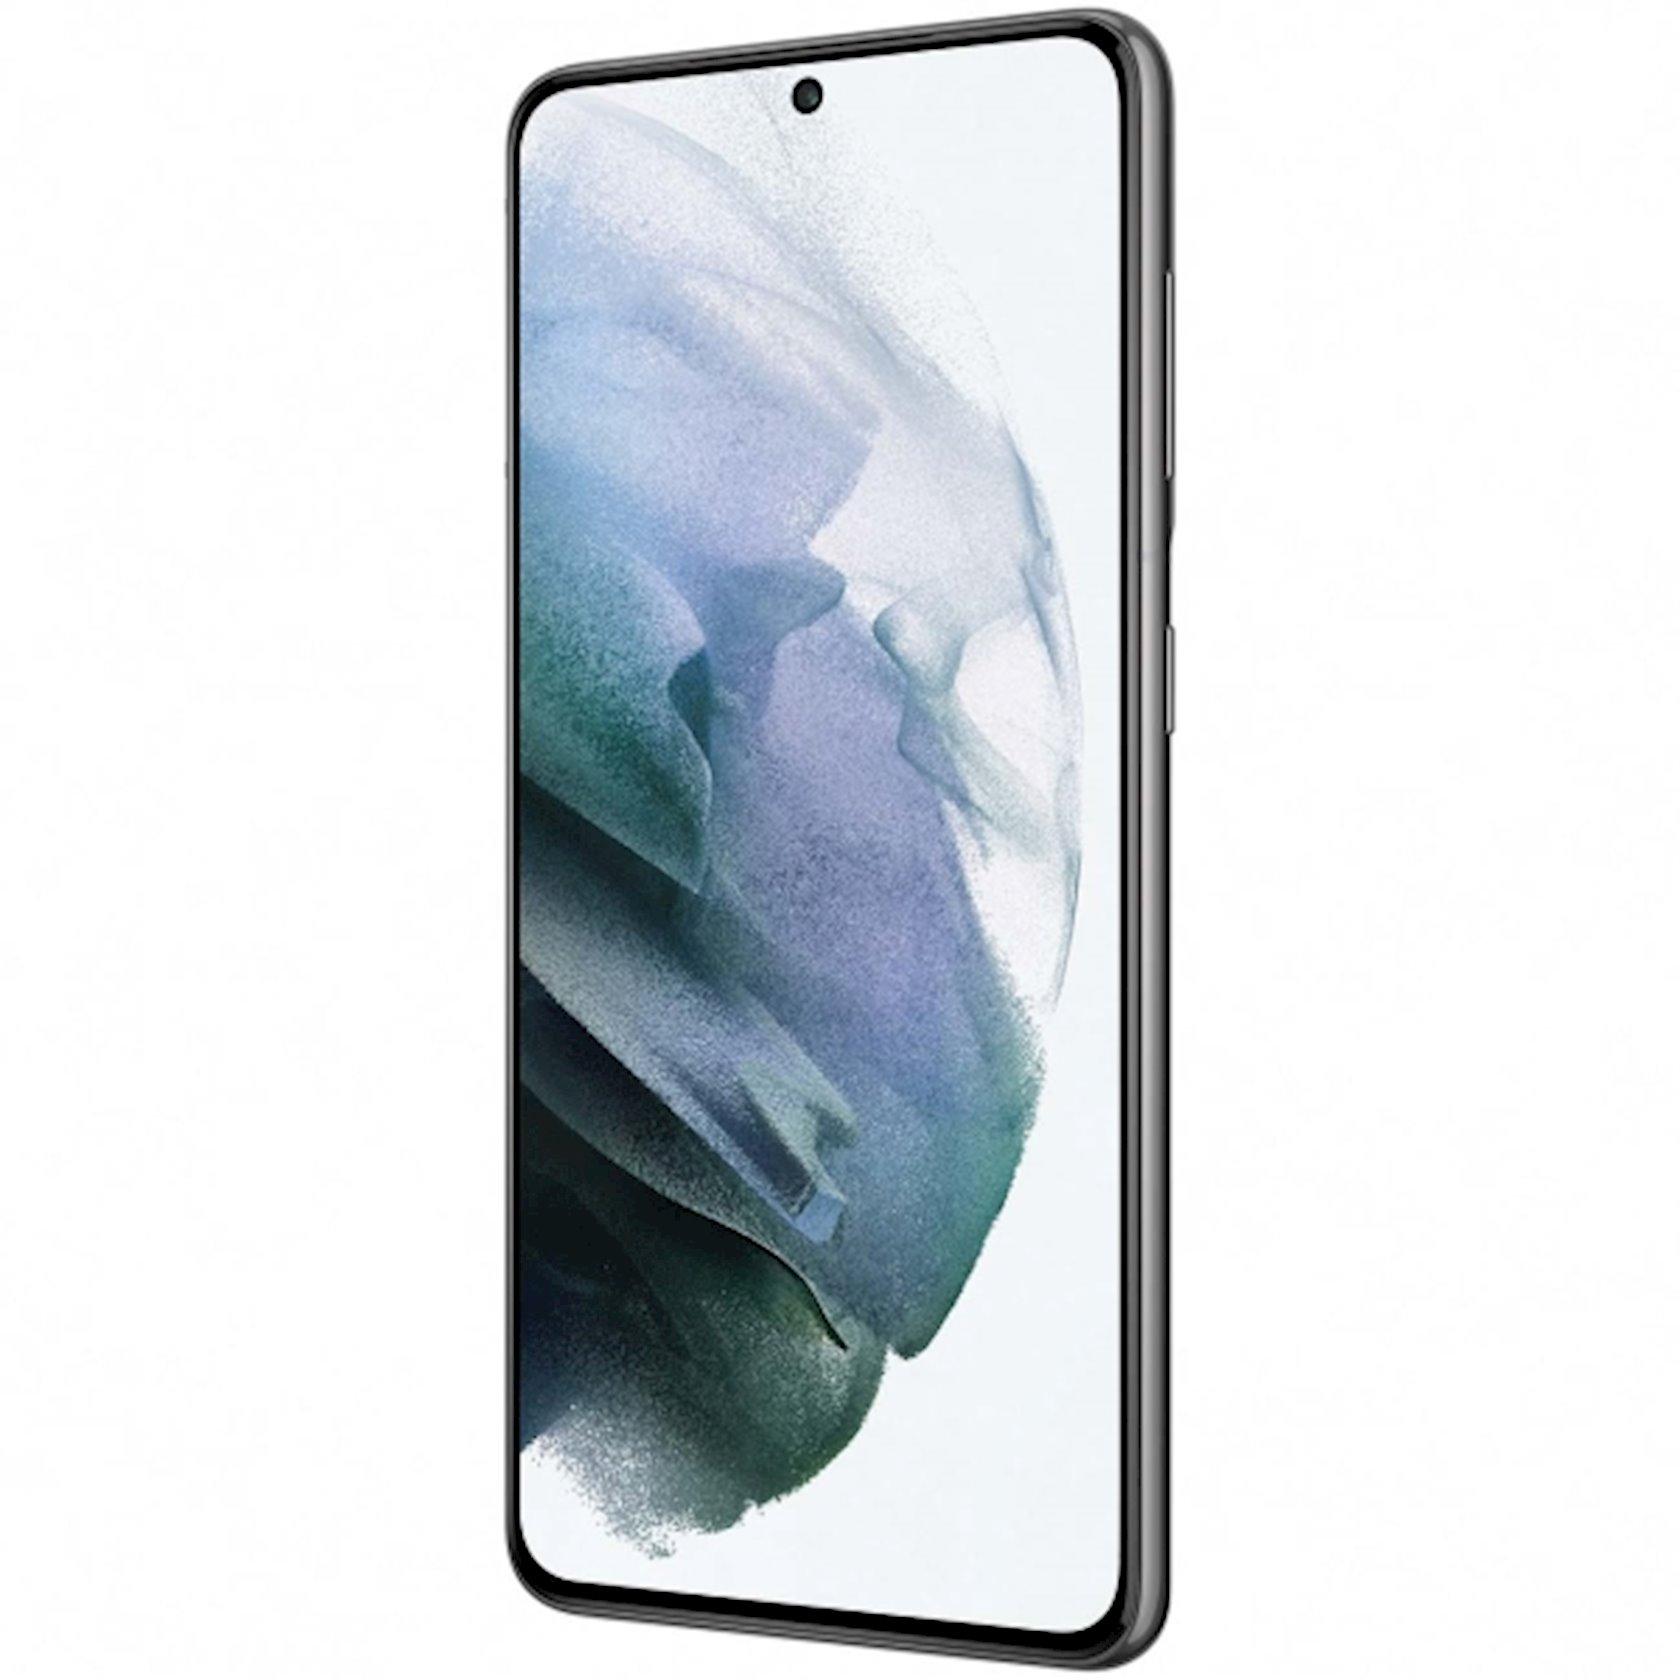 Smartfon Samsung Galaxy S21 8GB/128GB Gray